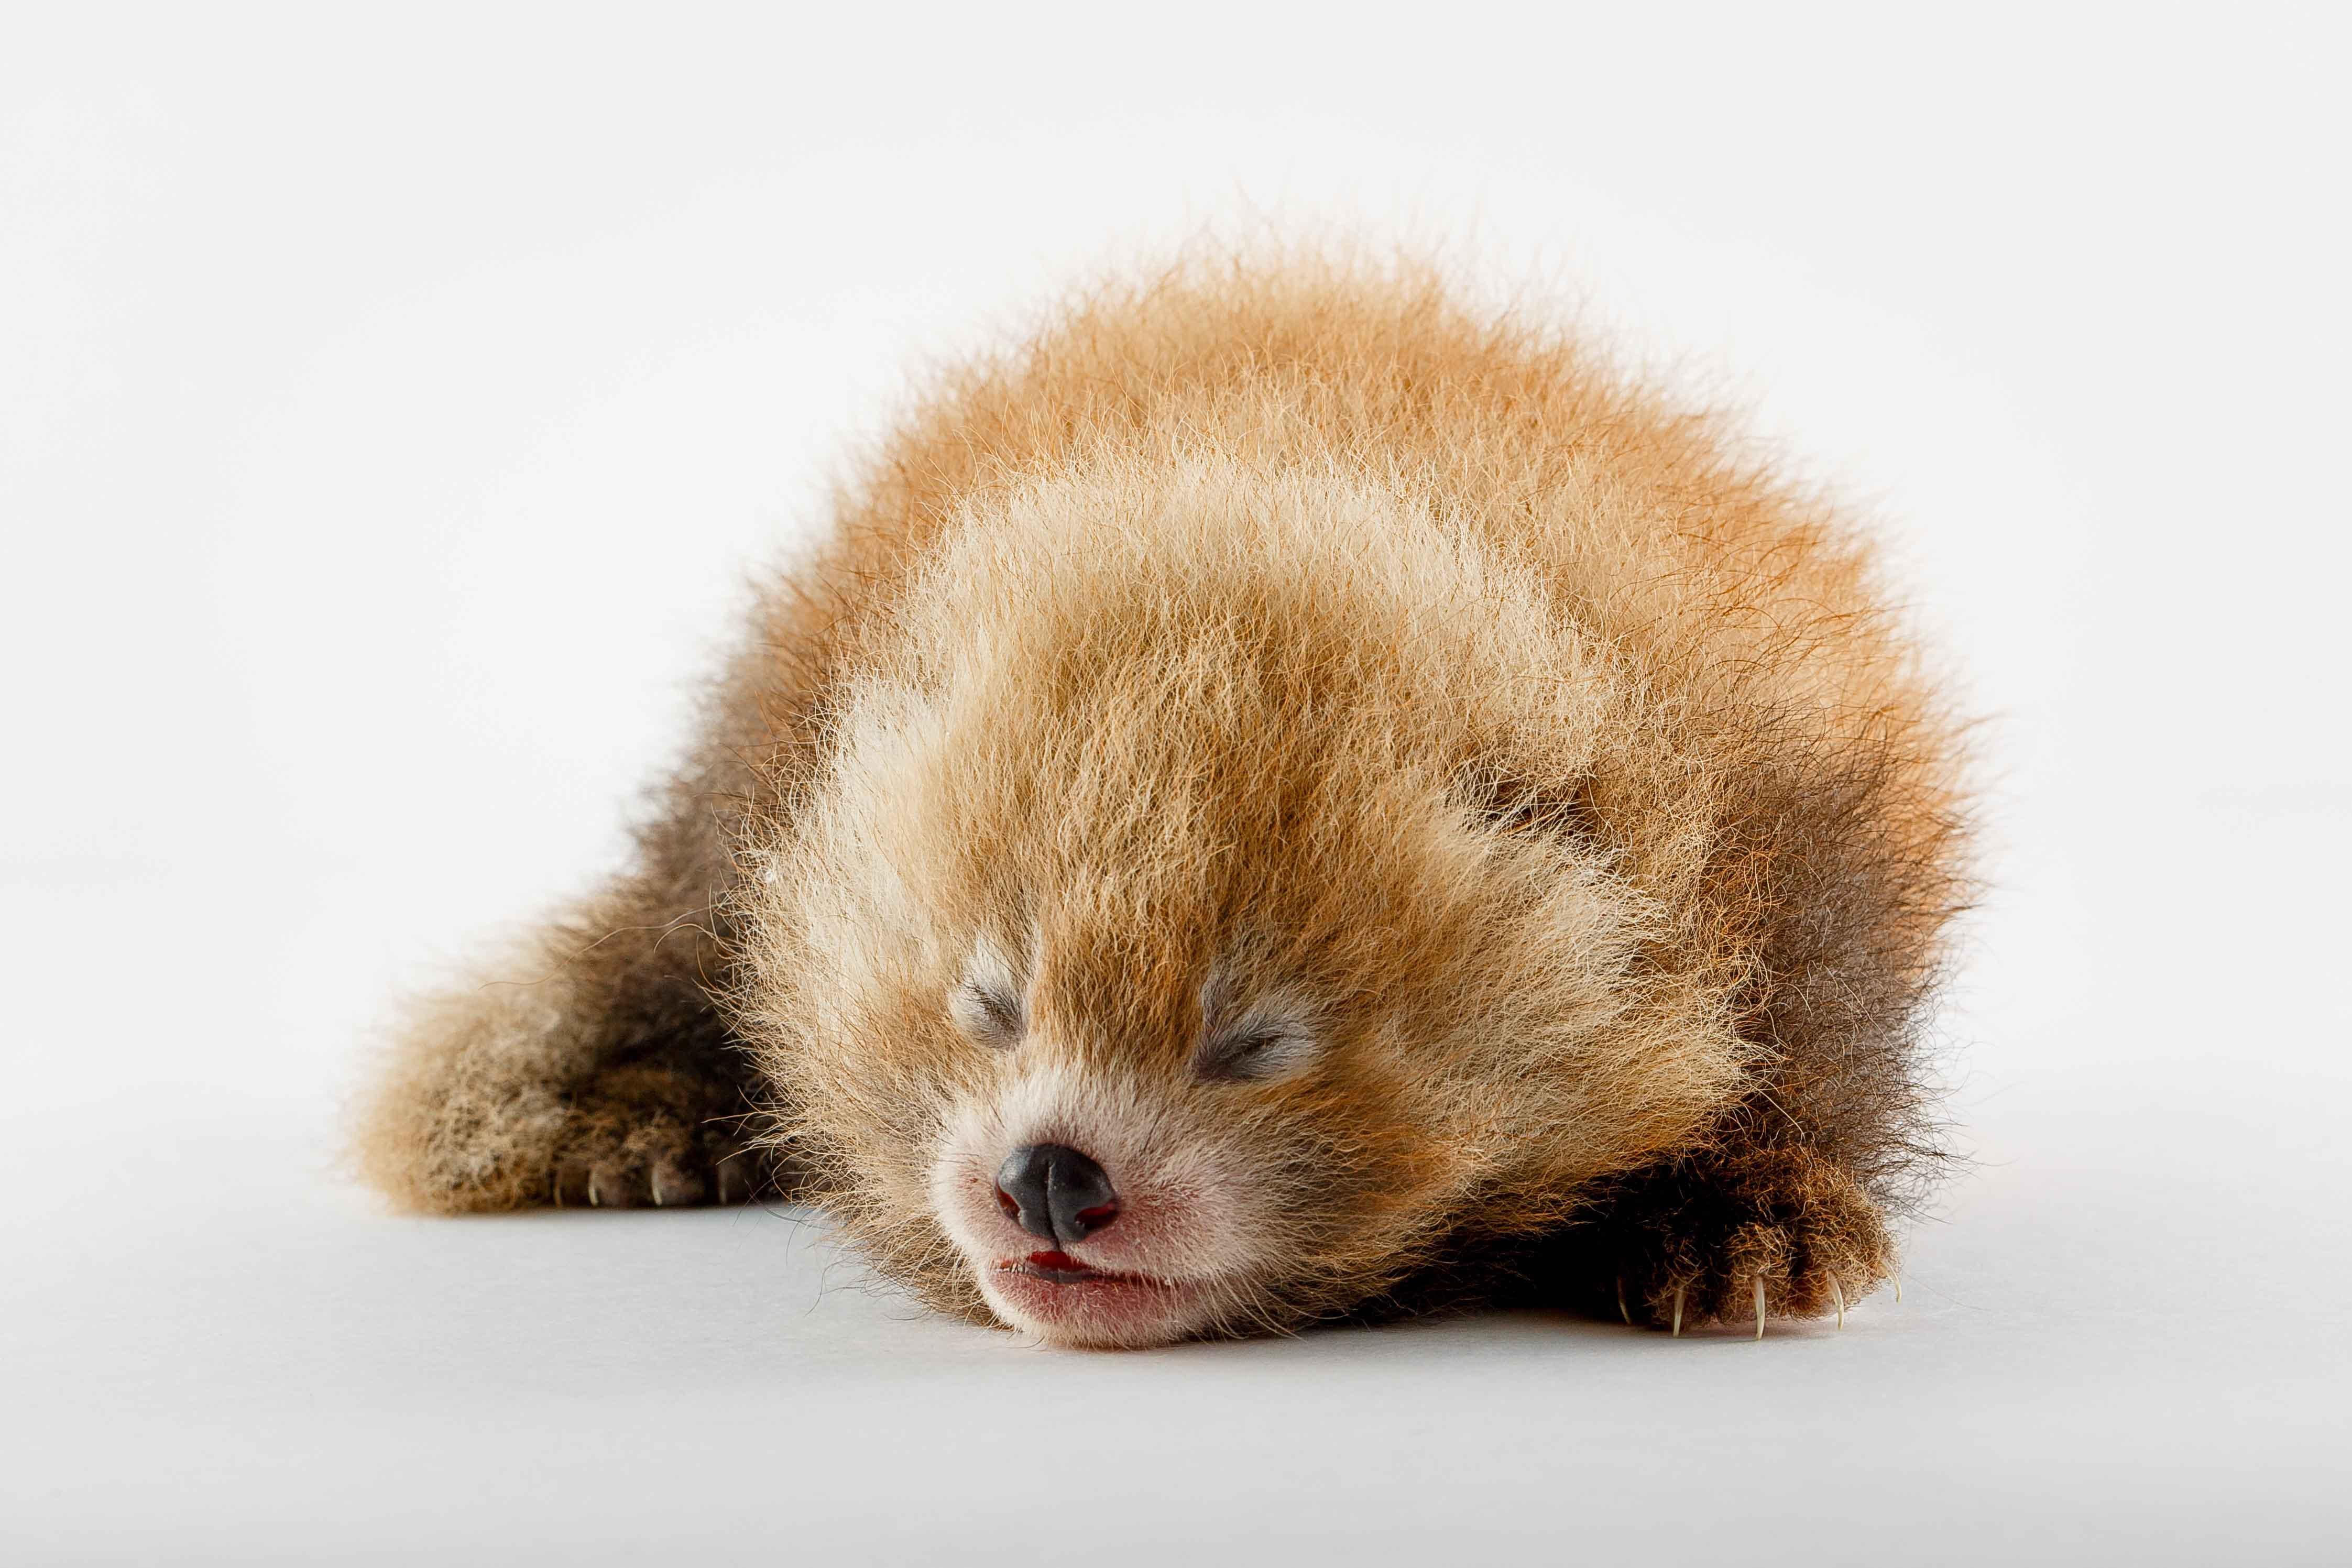 Baby cuccioli di panda rosso  Tgcom24  Foto 1